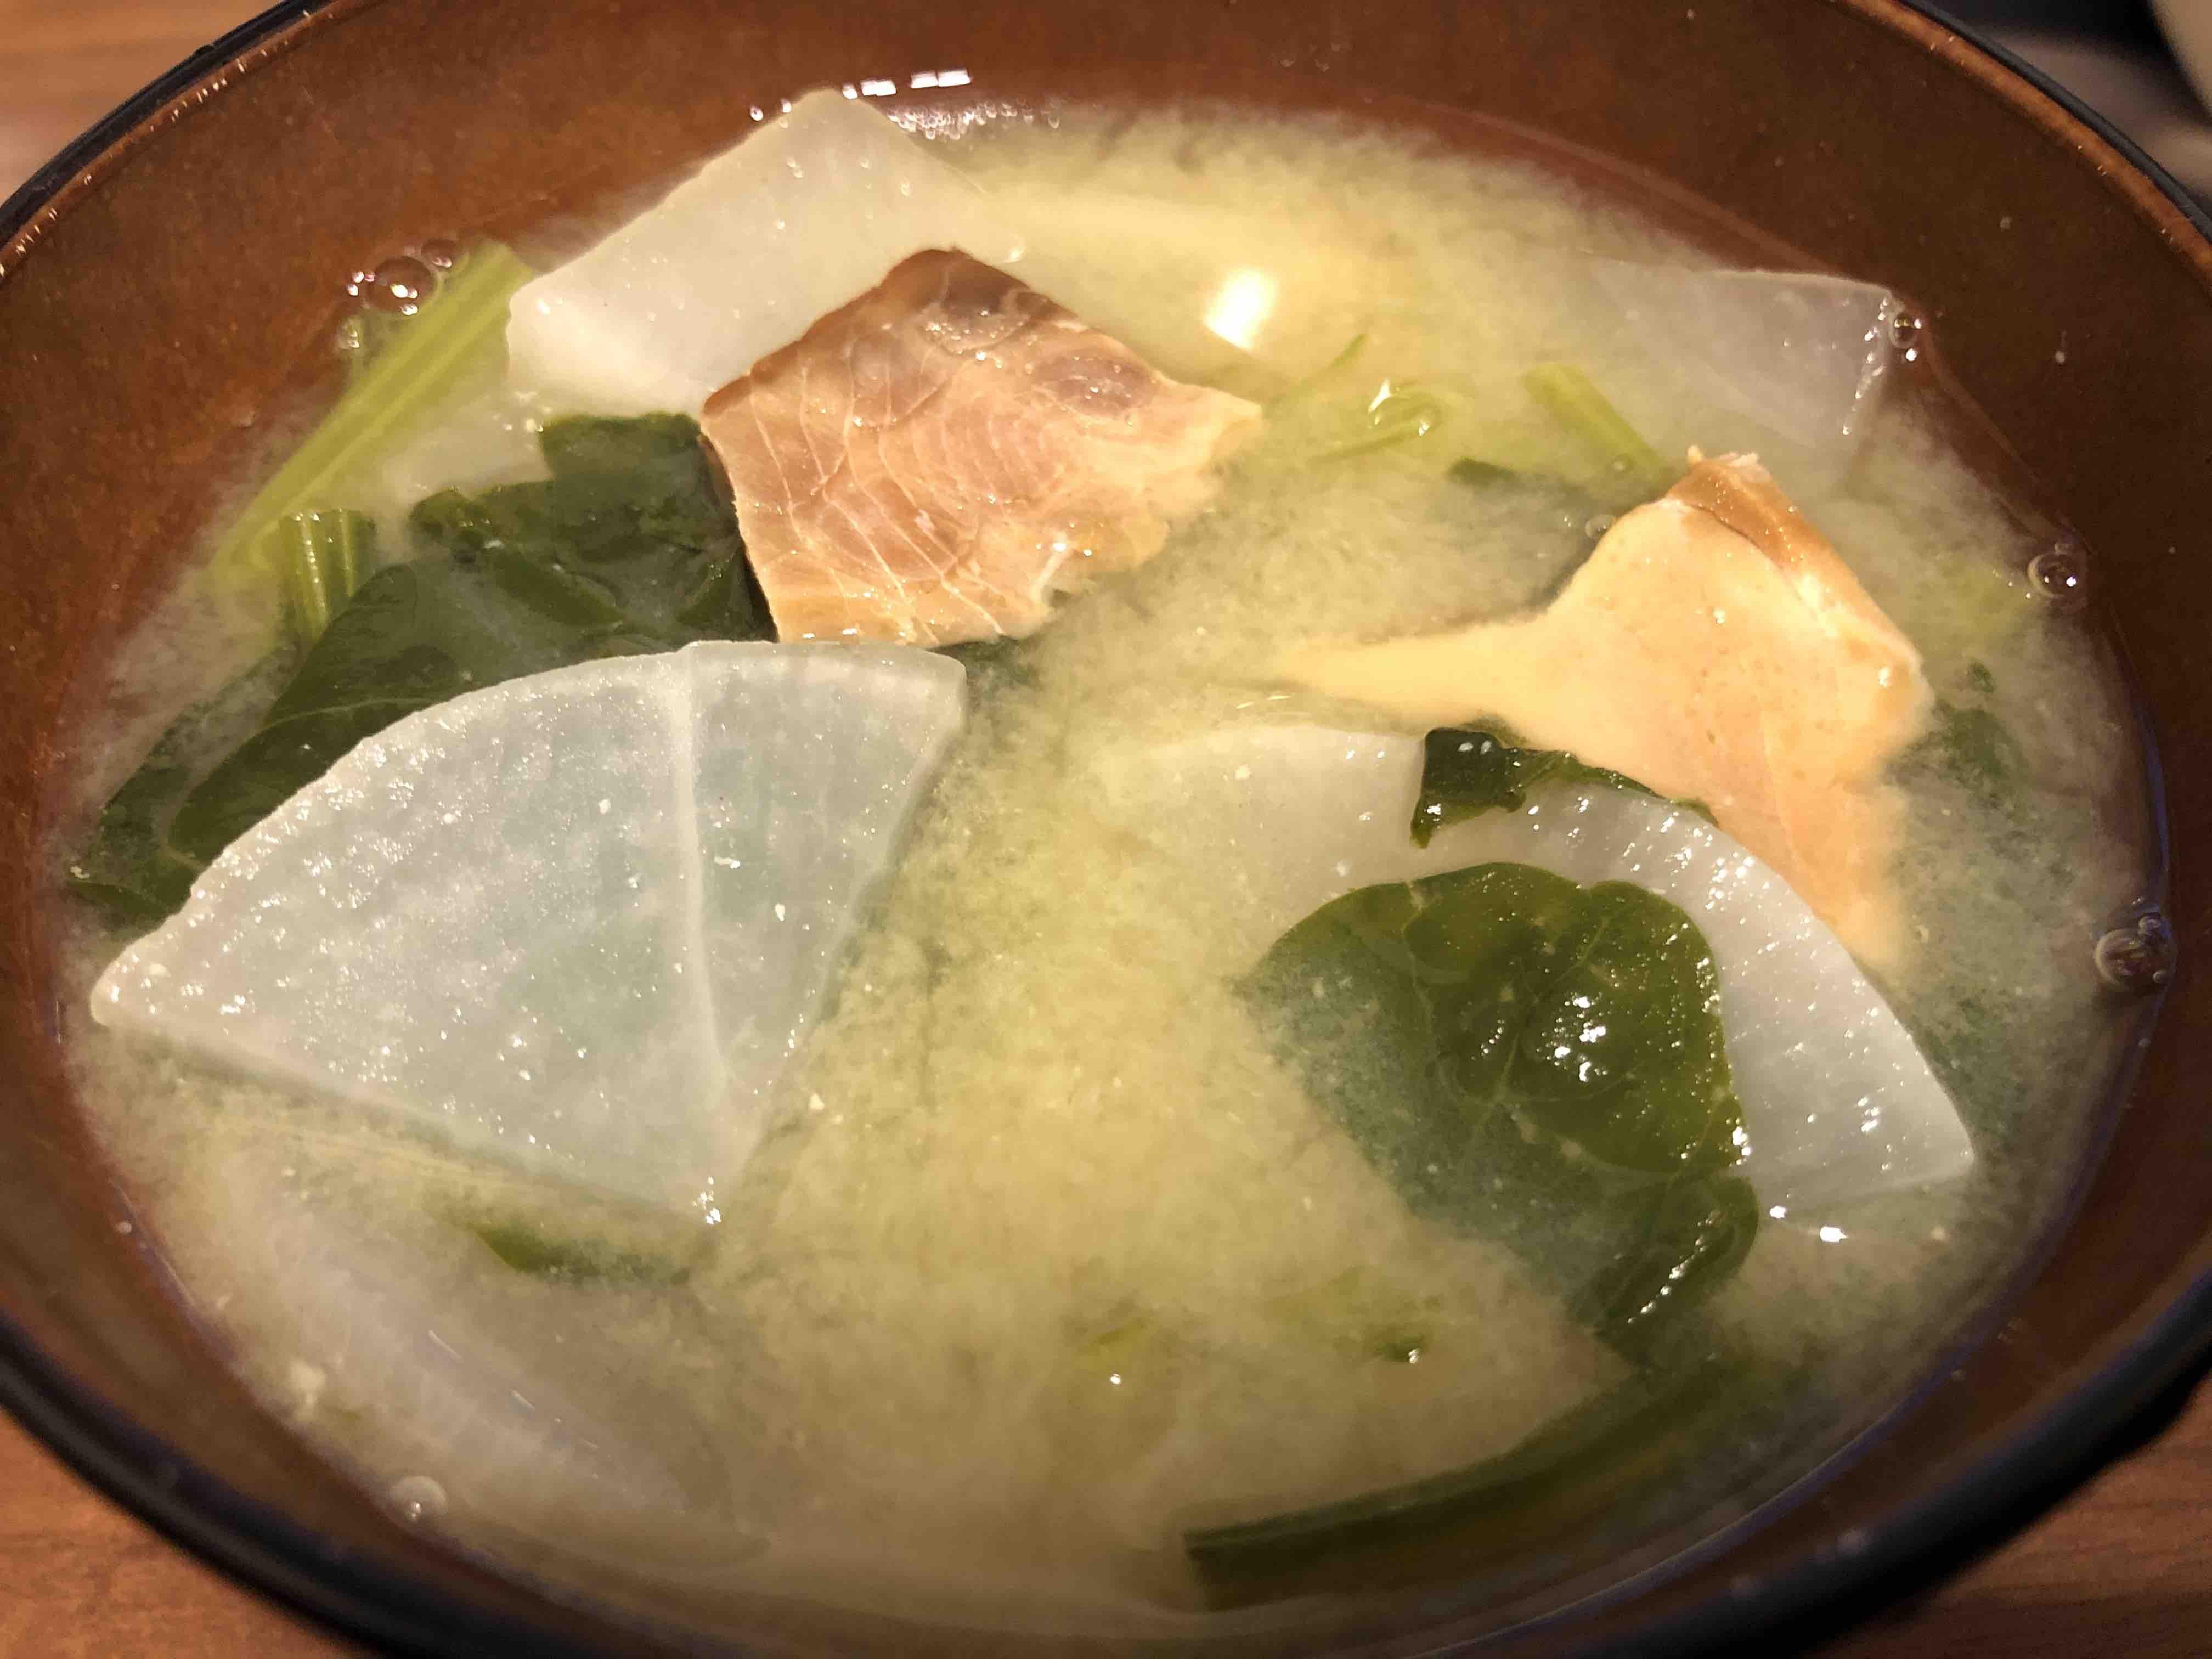 鮭とば味噌汁が完成し盛り付けたところ